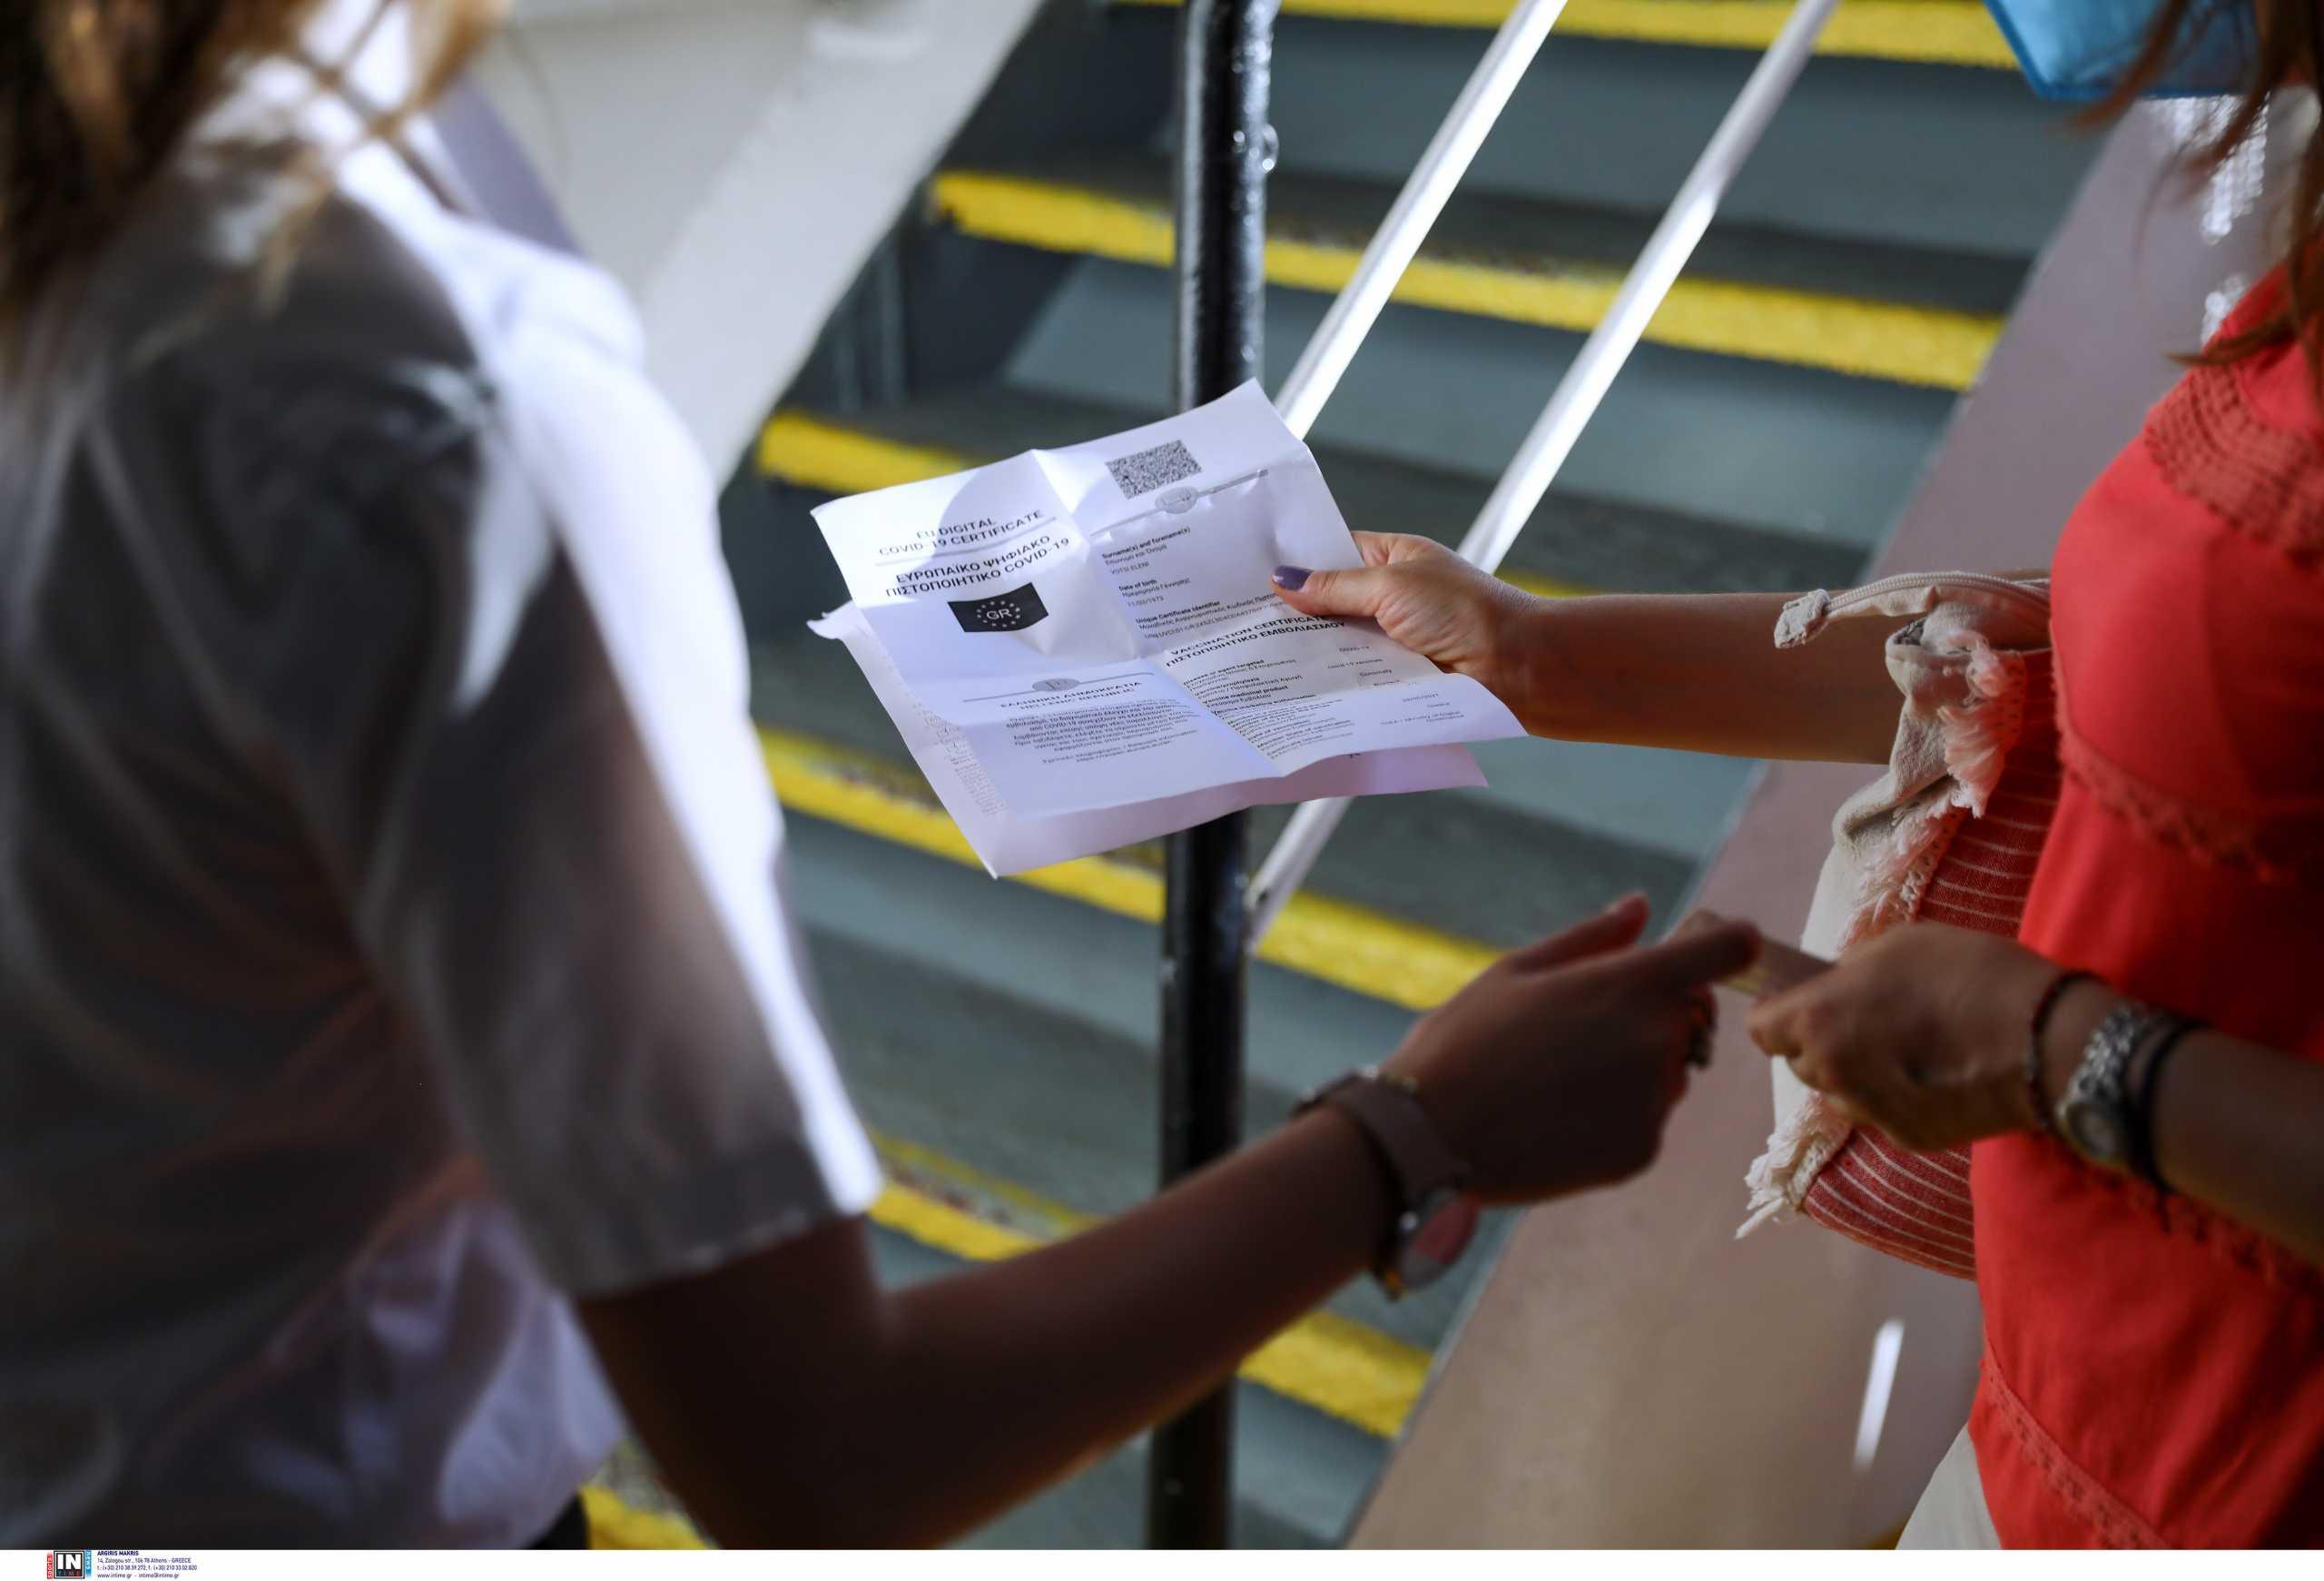 Πλαστά πιστοποιητικά εμβολιασμού από υγειονομικούς: Αντιμέτωποι ακόμη και με απόταξη – Απολύσεις με… fast track διαδικασίες